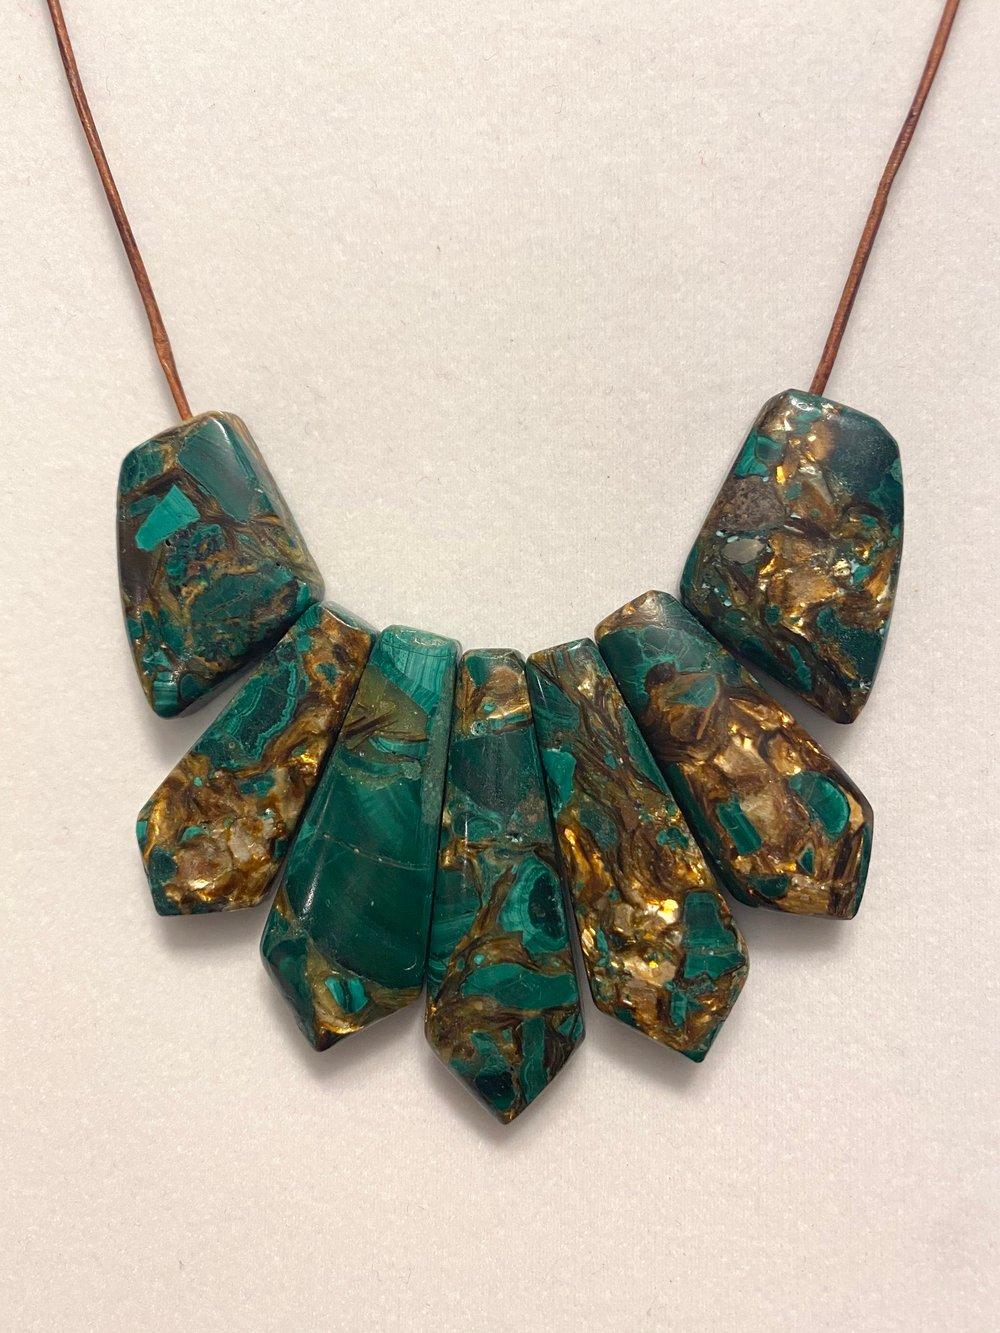 Malachite Mosaic Leather Necklace